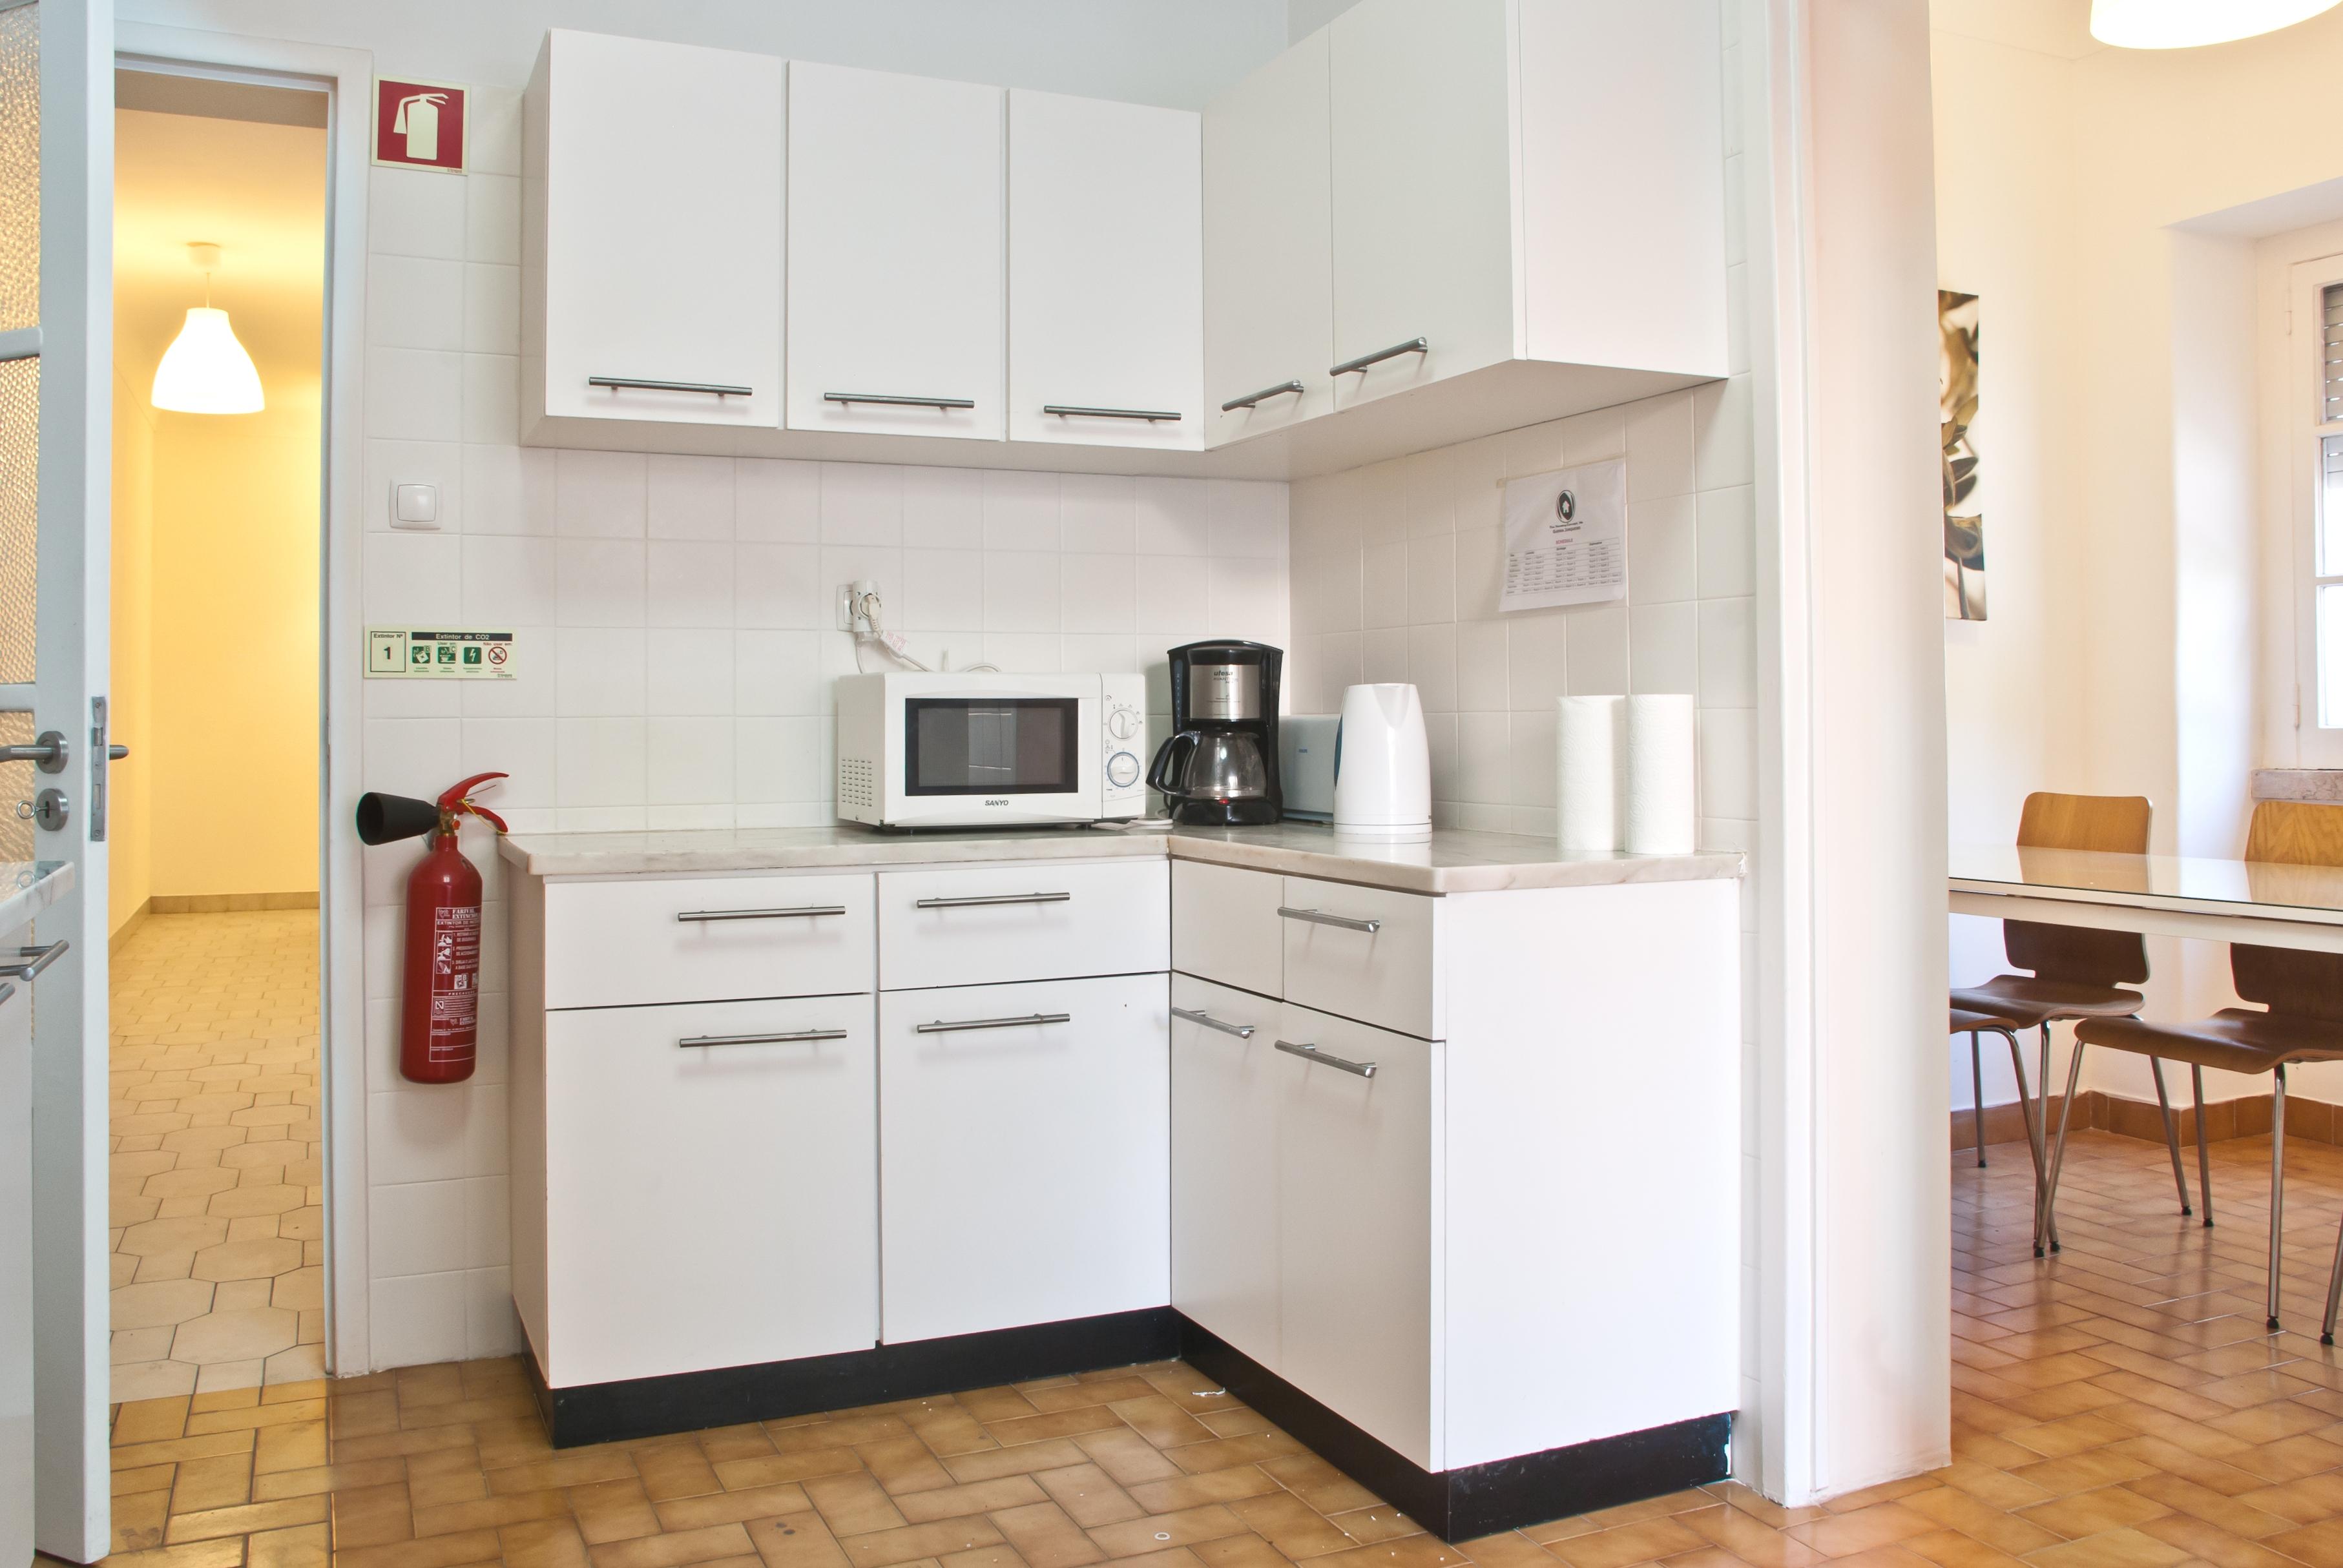 GJ - Kitchen - Foto 2.jpg